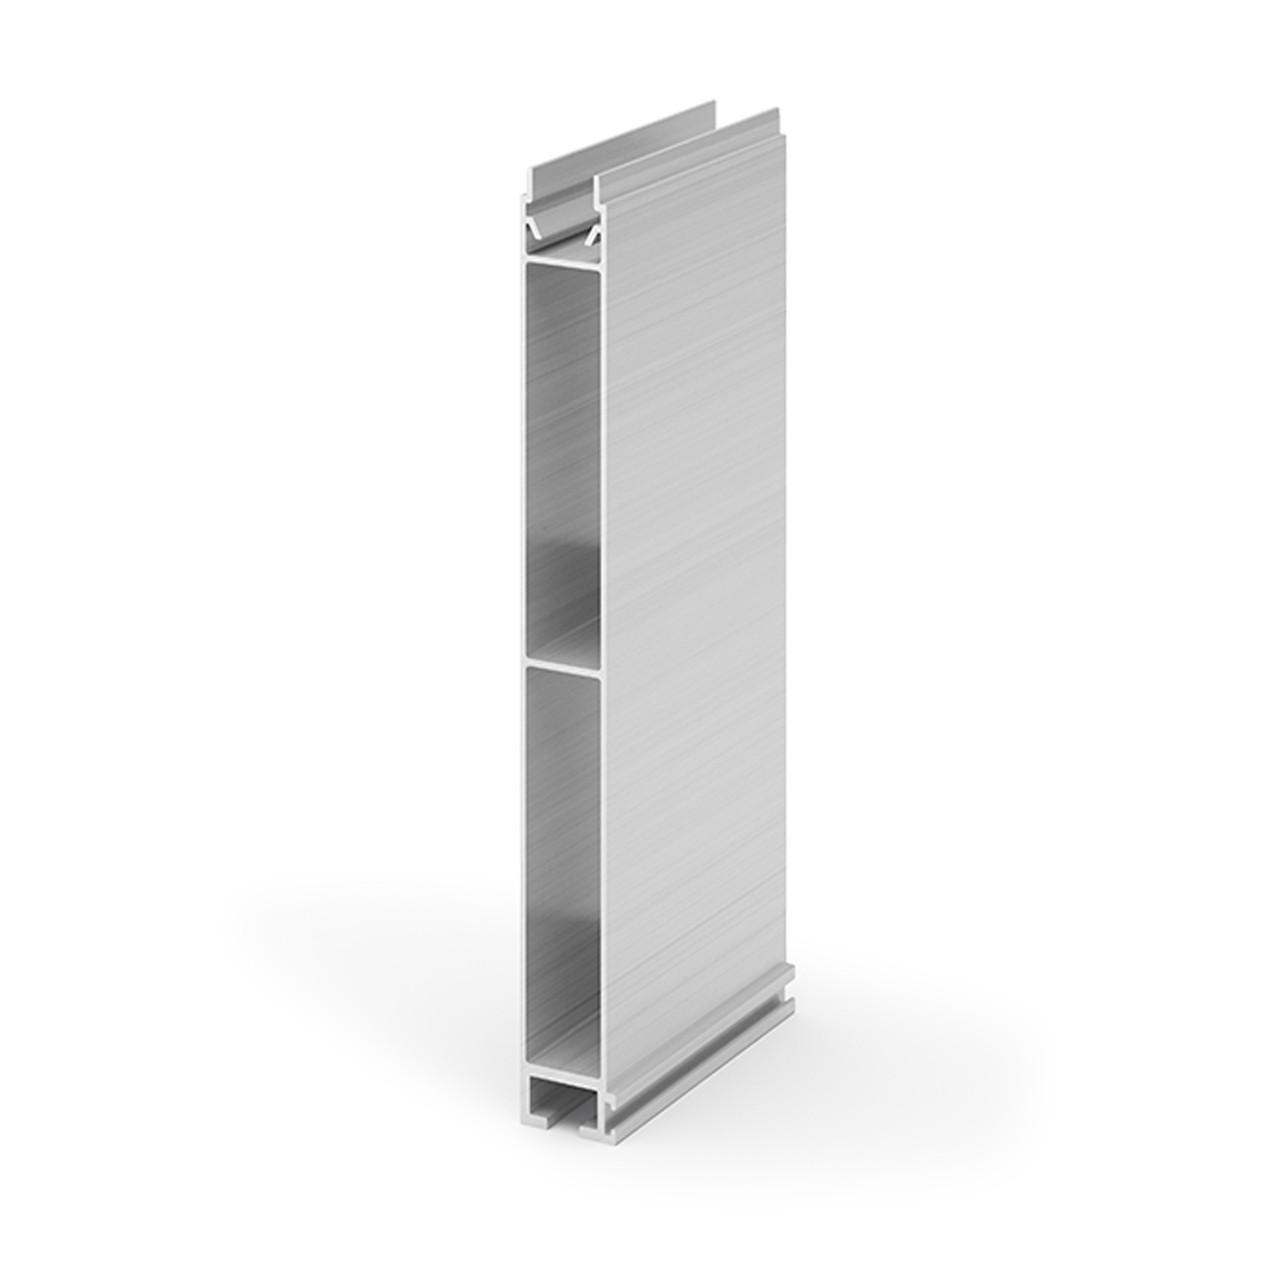 Борта наборні - нижній профіль алюміній  200мм Takler Італия